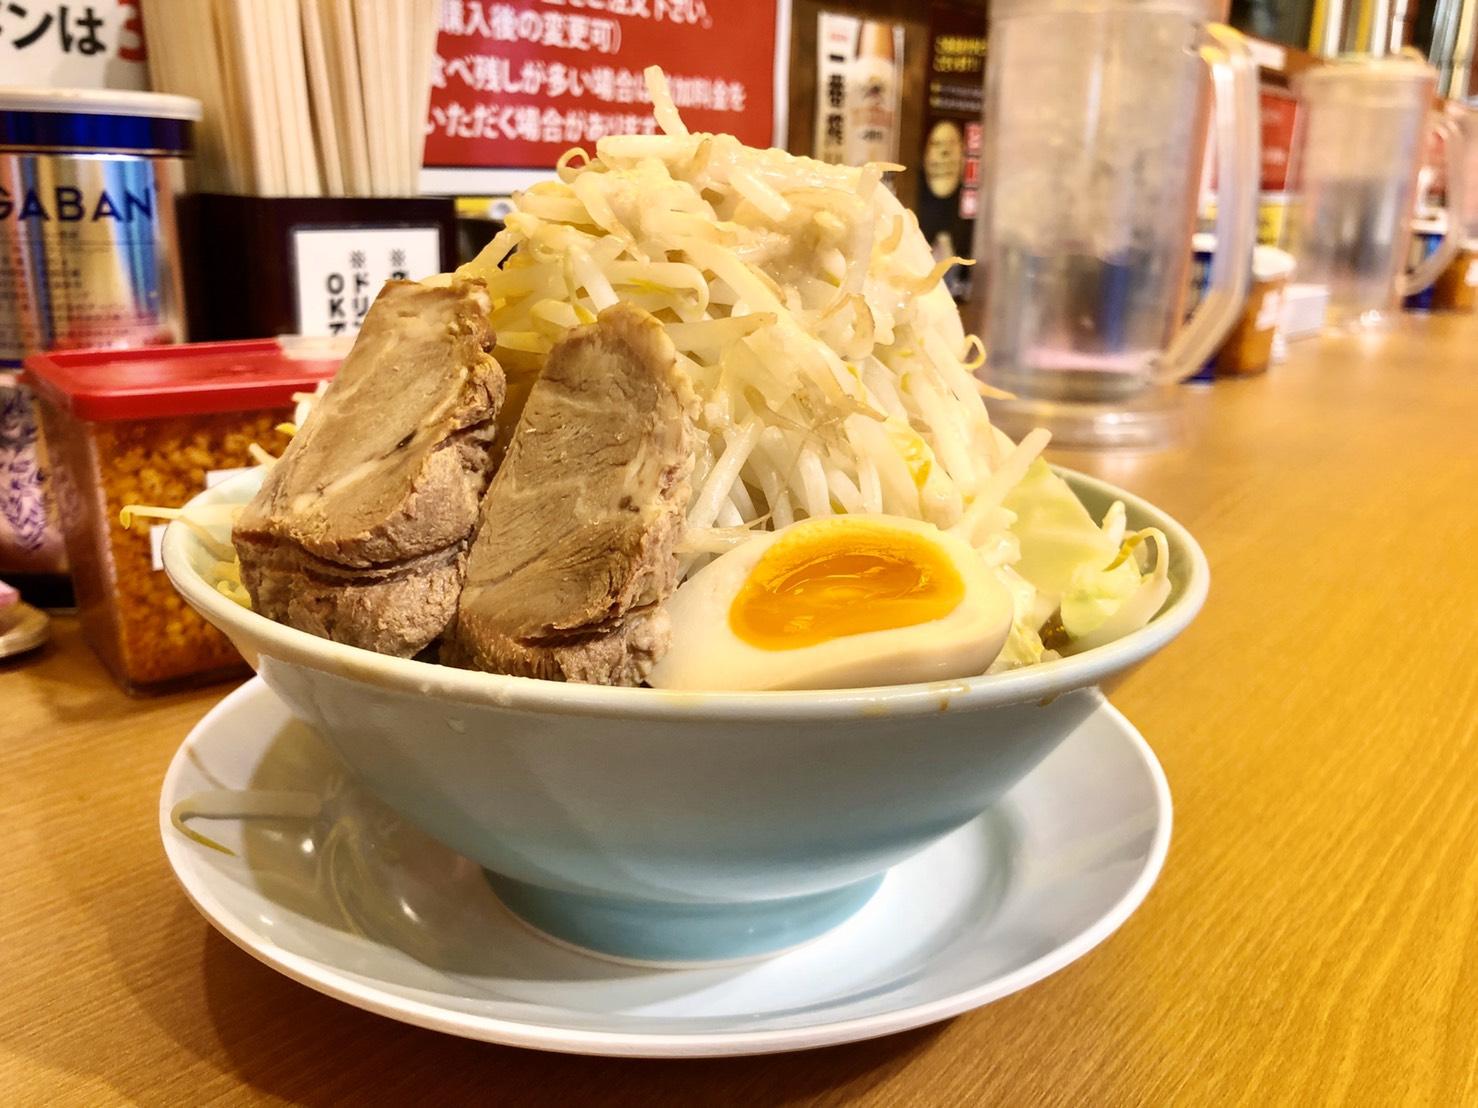 名古屋駅|ラーメンもカスタマイズできる時代。自分好みの一杯を見つけることができる二郎系ラーメン専門店